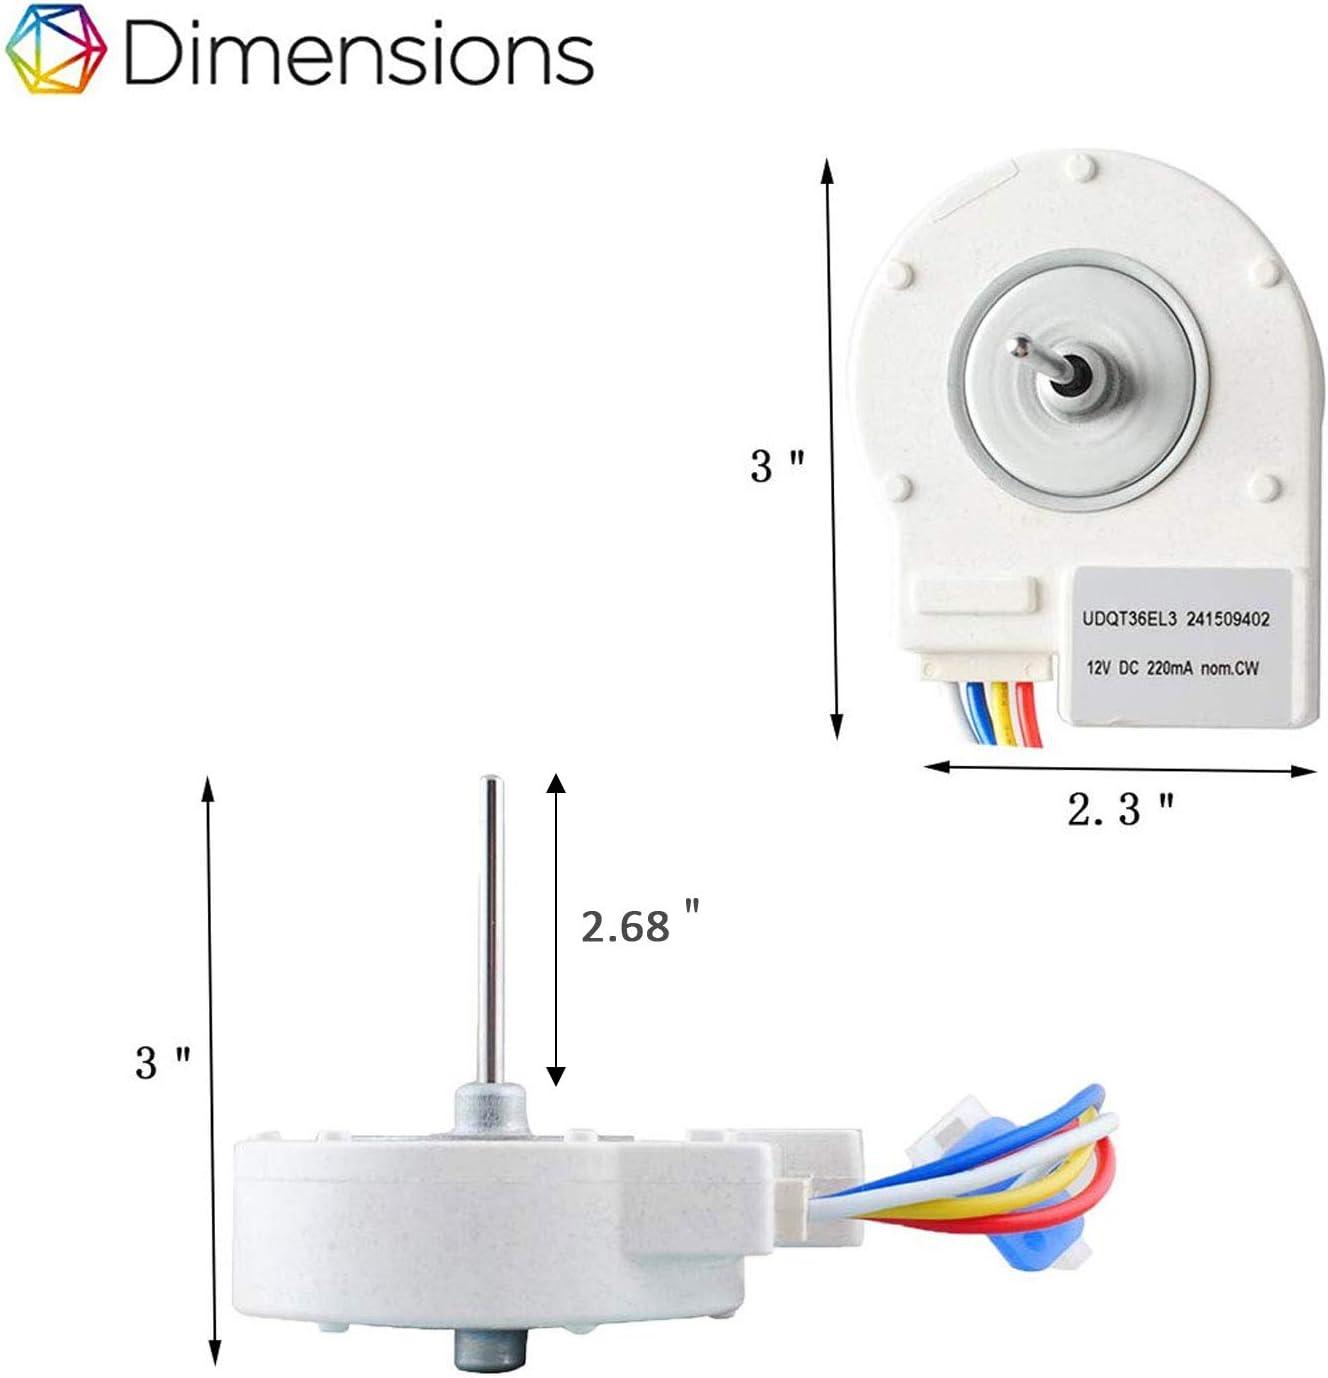 wiring diagram for an evaporator fan motor amazon com 241509402 evaporator fan motor compatible with  241509402 evaporator fan motor